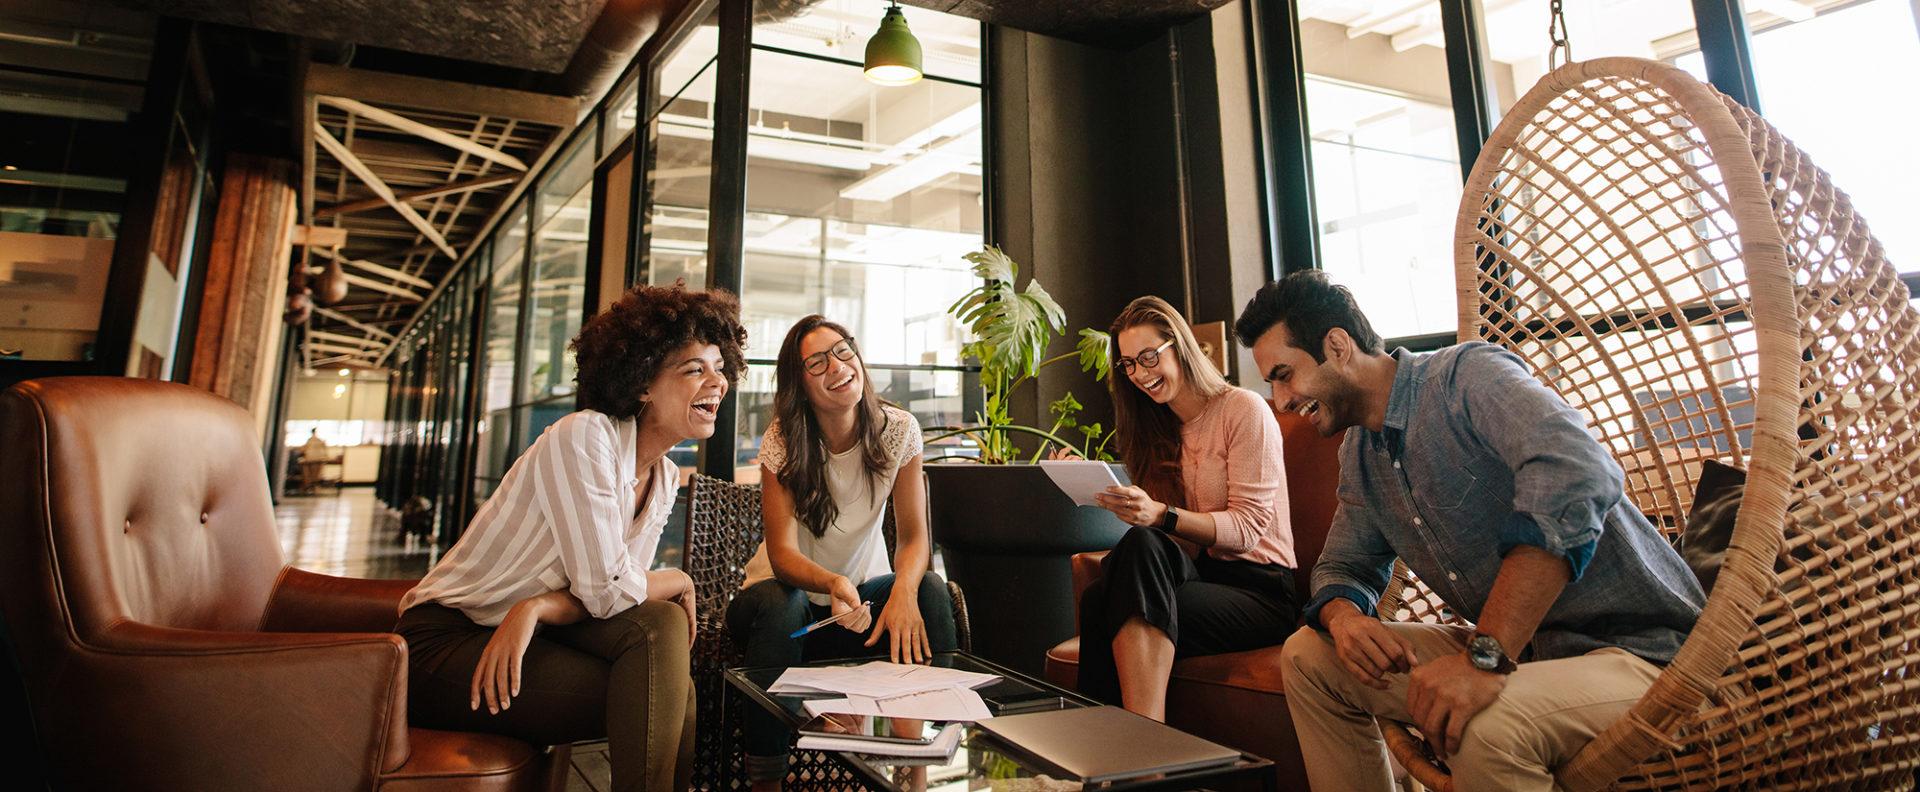 , Empowering Staff Through Office Design